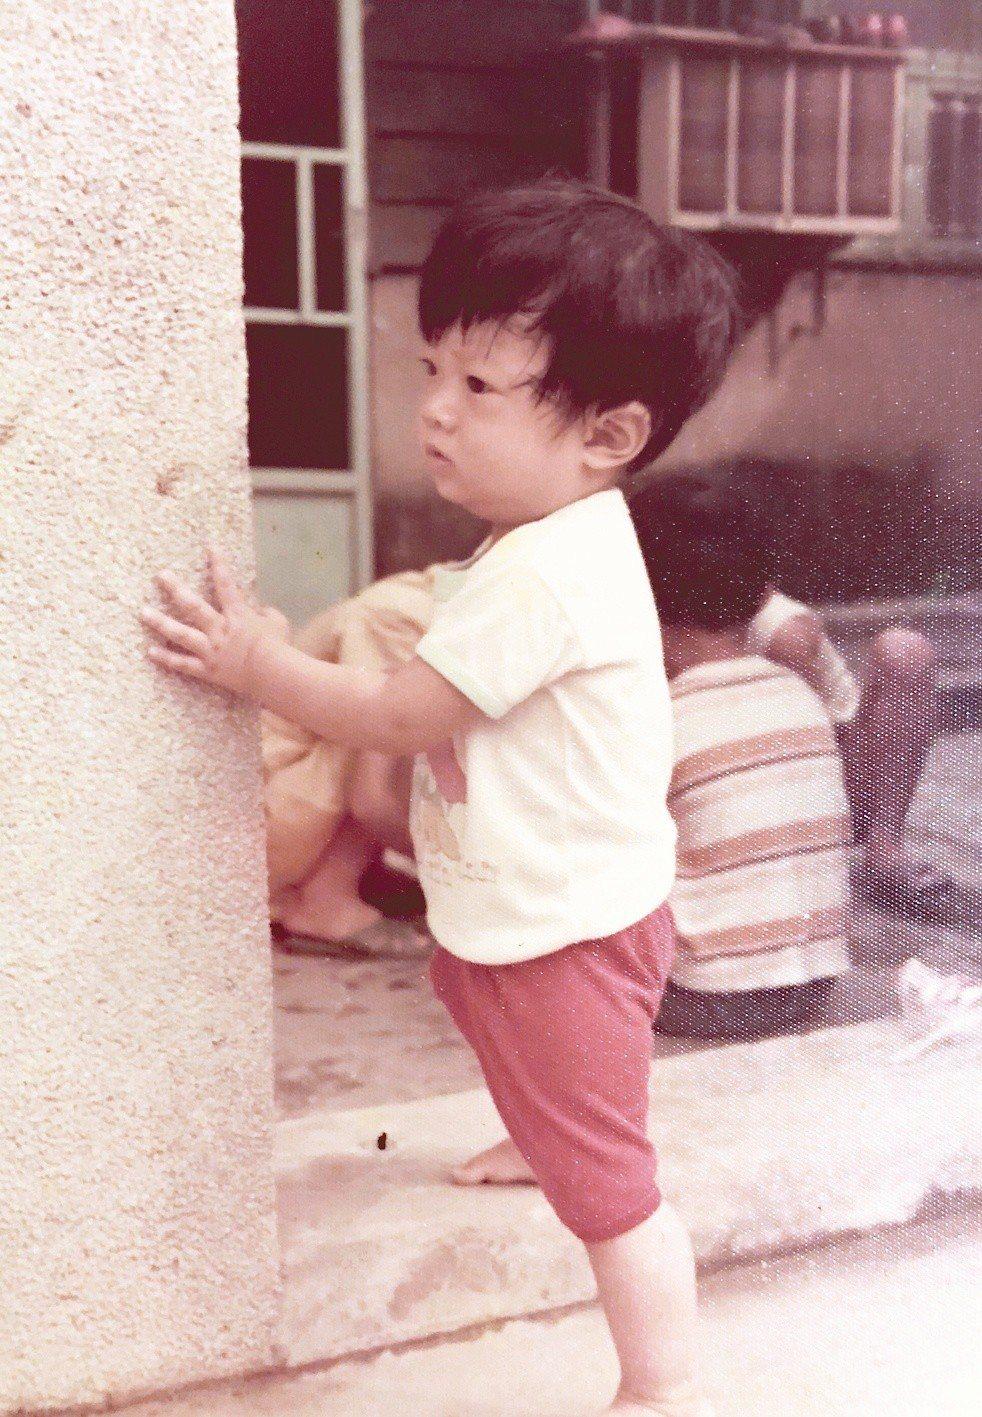 張維中說,從小身邊即使有其他小孩子,也全跟我年紀有差距,玩不起來。只好一個人扶牆...